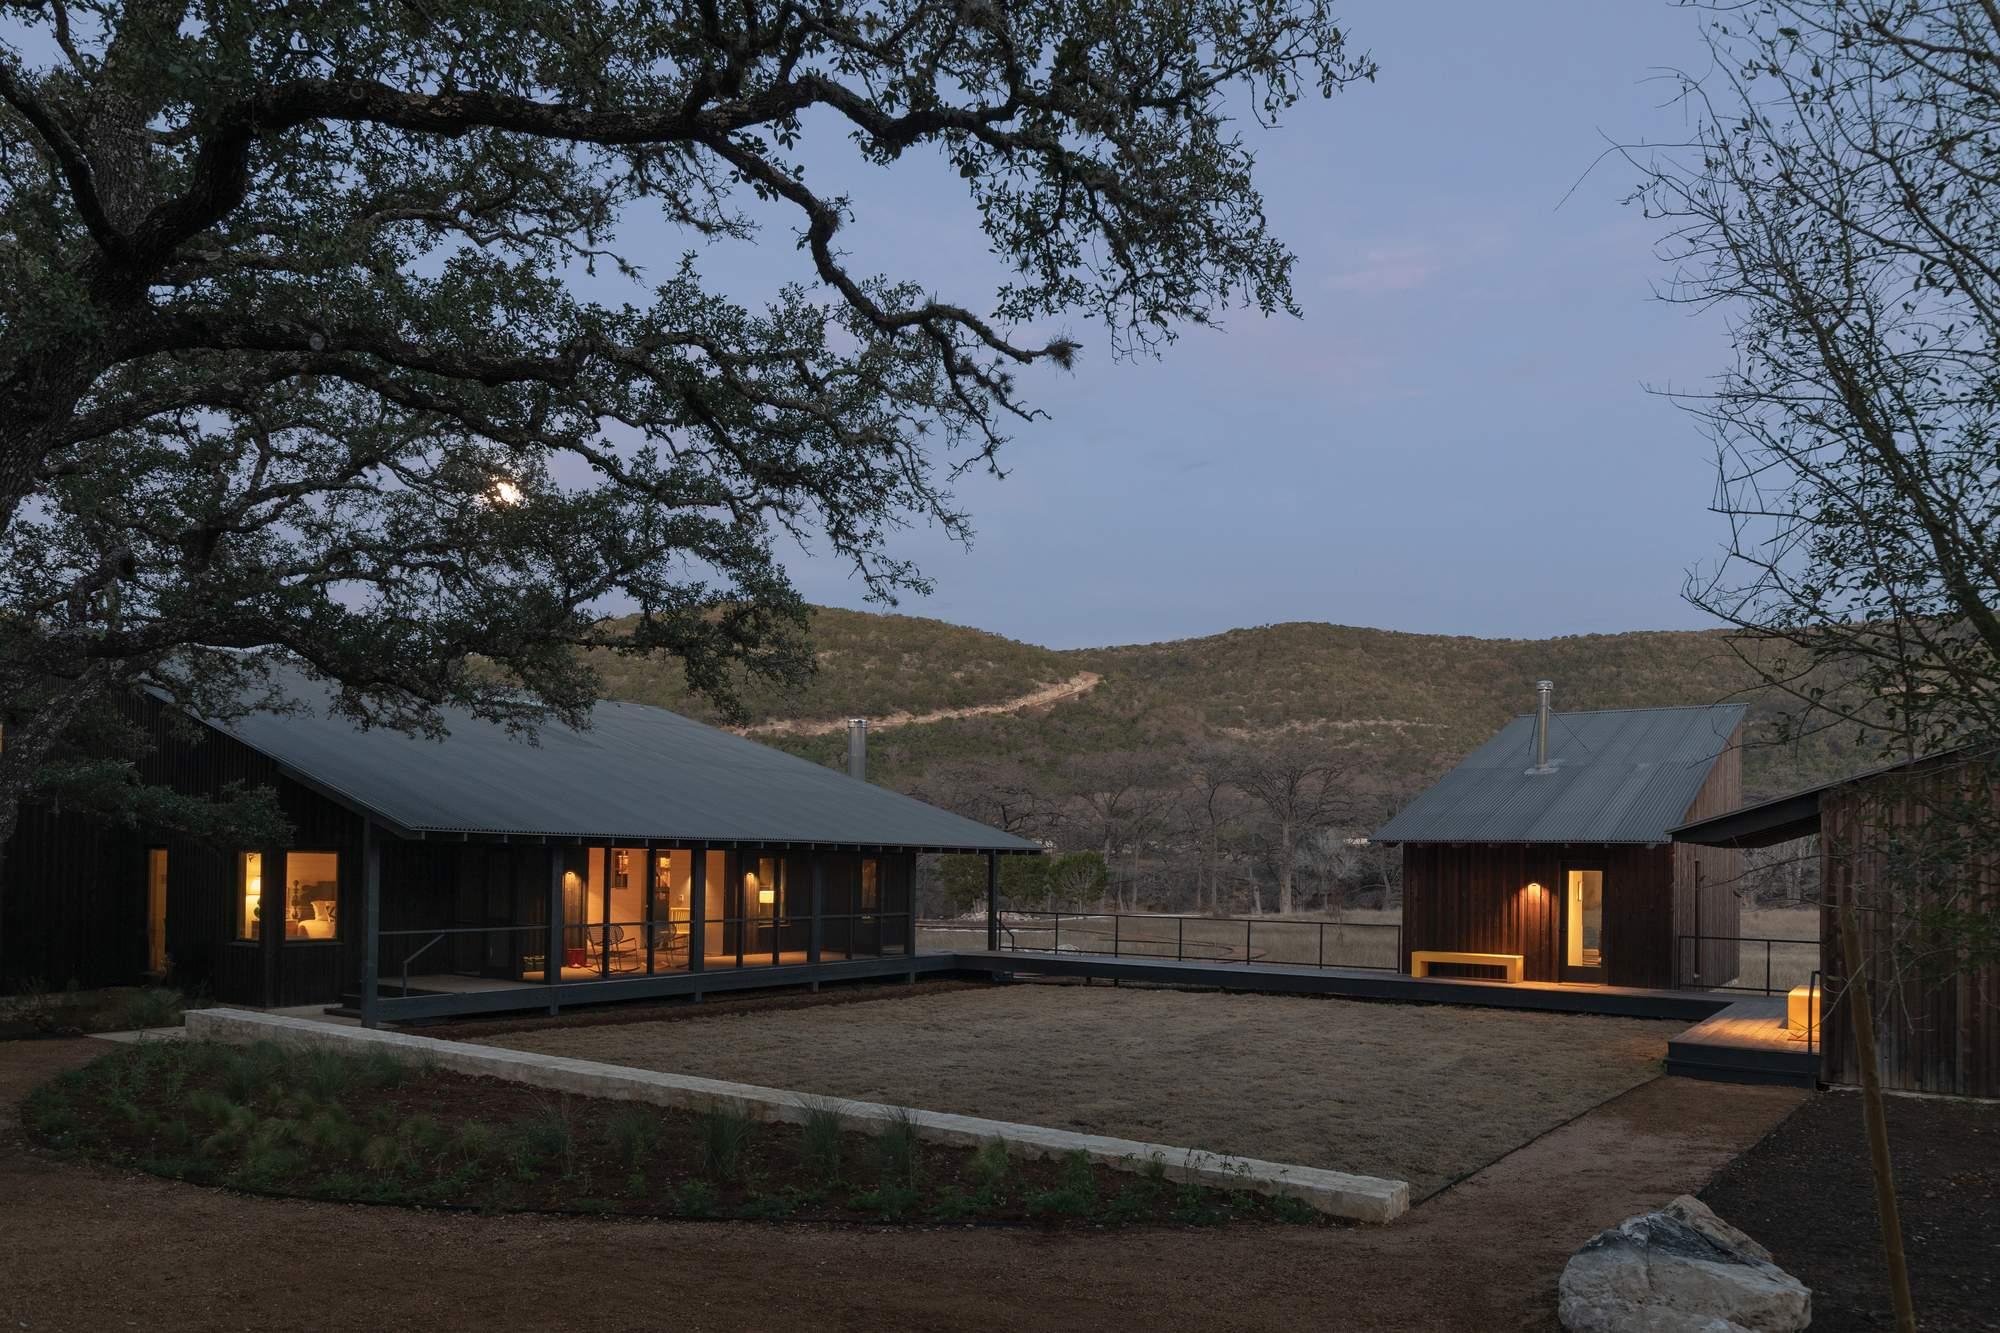 Семейный лагерь Frio в Техасе, США